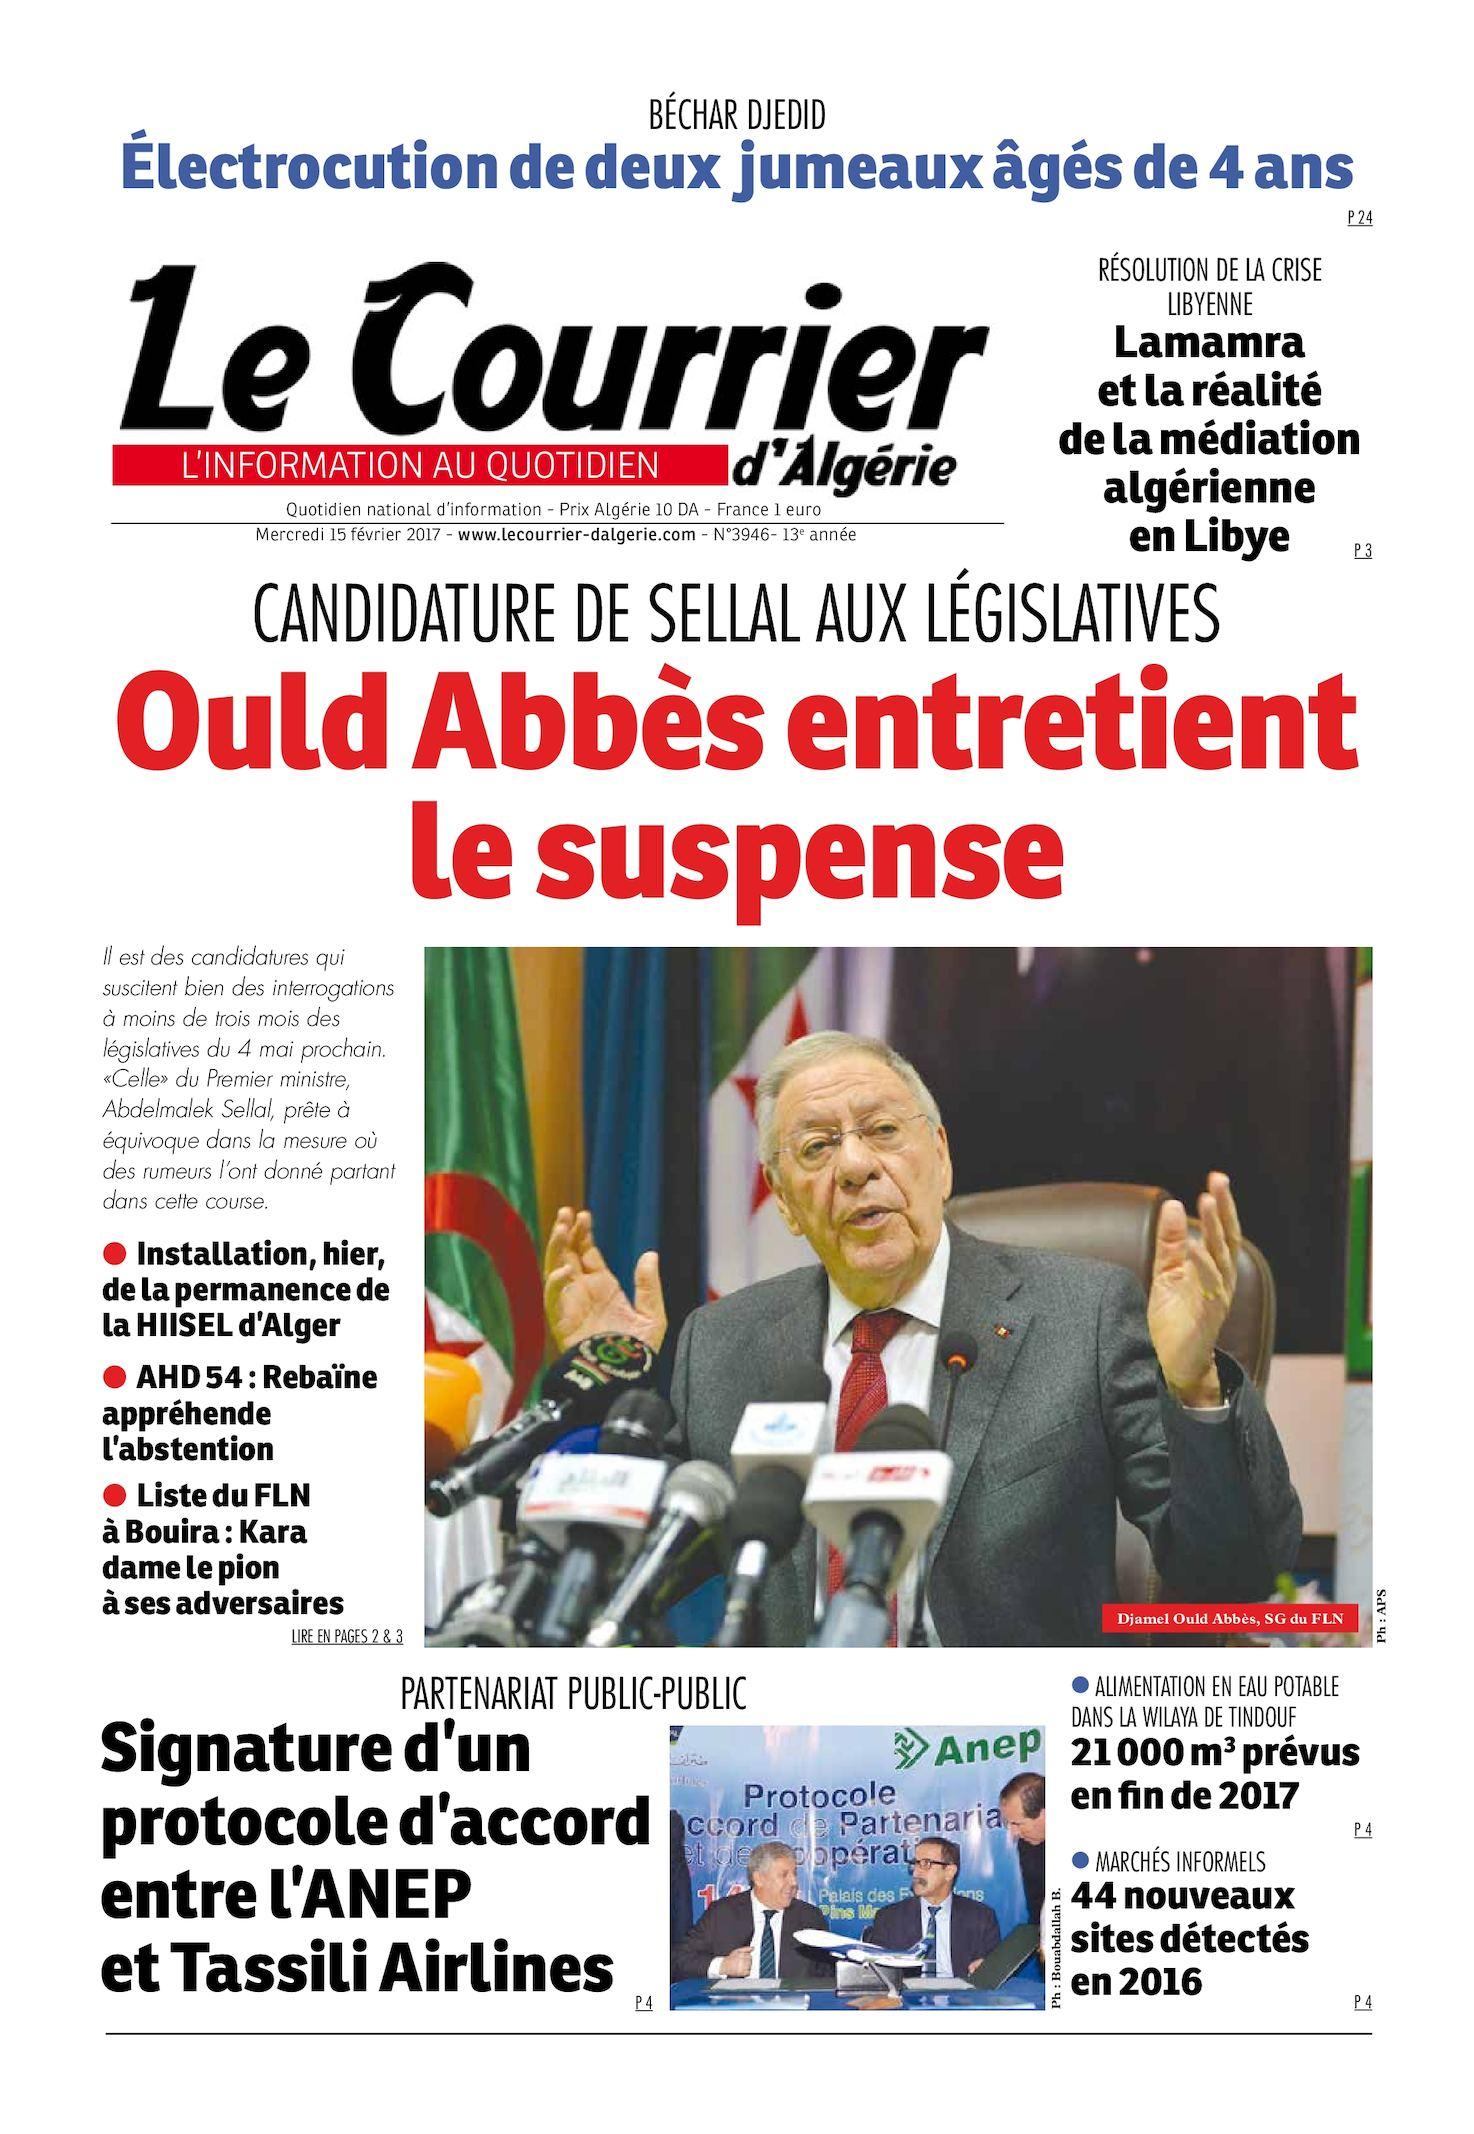 Le Courrier D'Algérie Du Mercredi 15 Février 2017